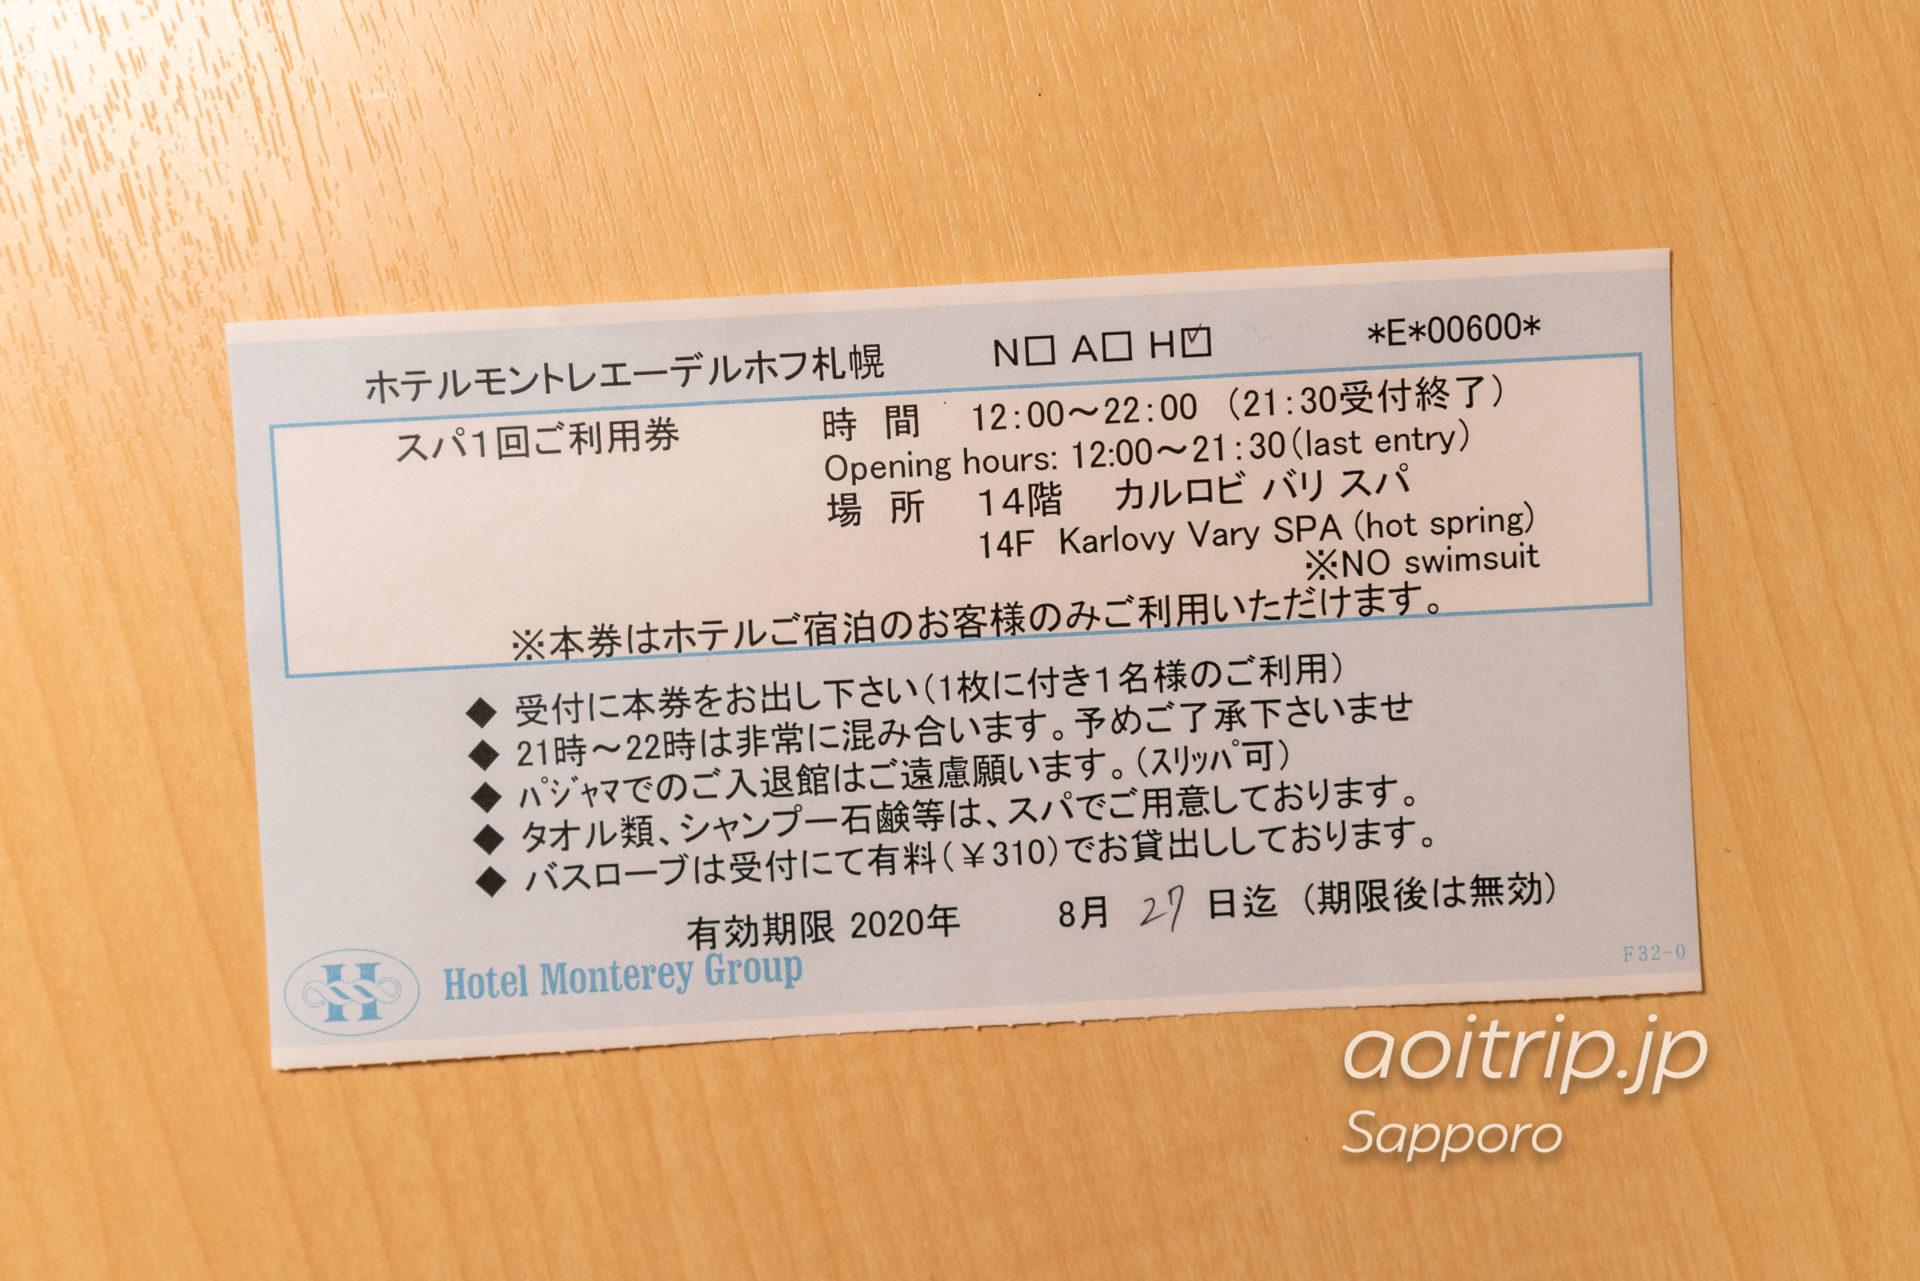 ホテル モントレ エーデルホフ札幌のスパ